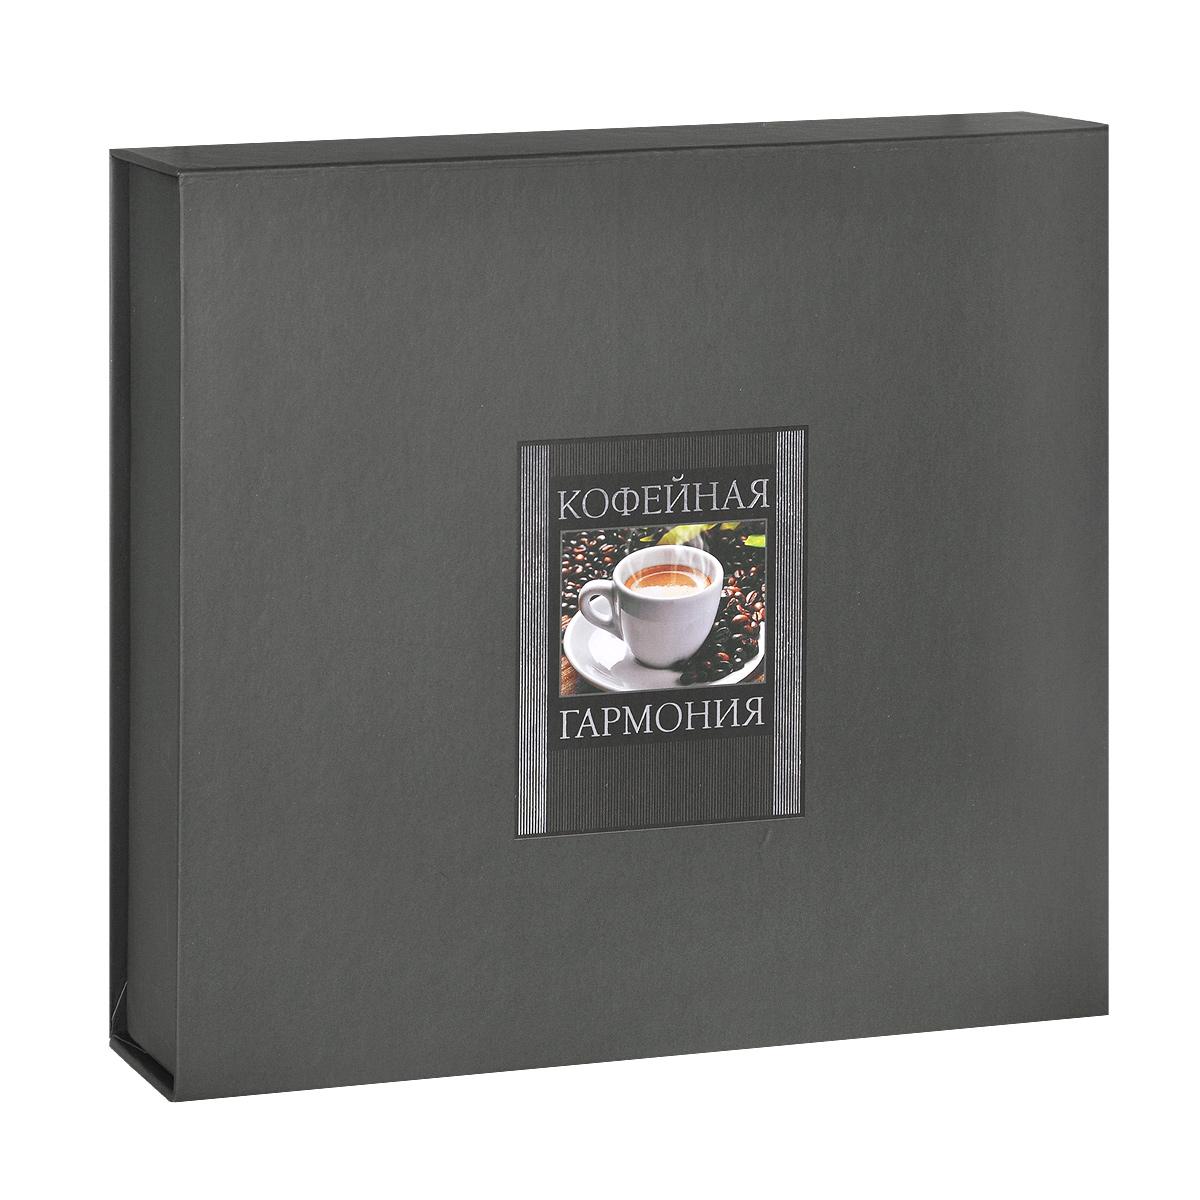 Кофейная гармония (подарочное издание + джутовый мешочек для хранения кофе), Алексей Герман, Илья Савинов, Михаил Тяпкин